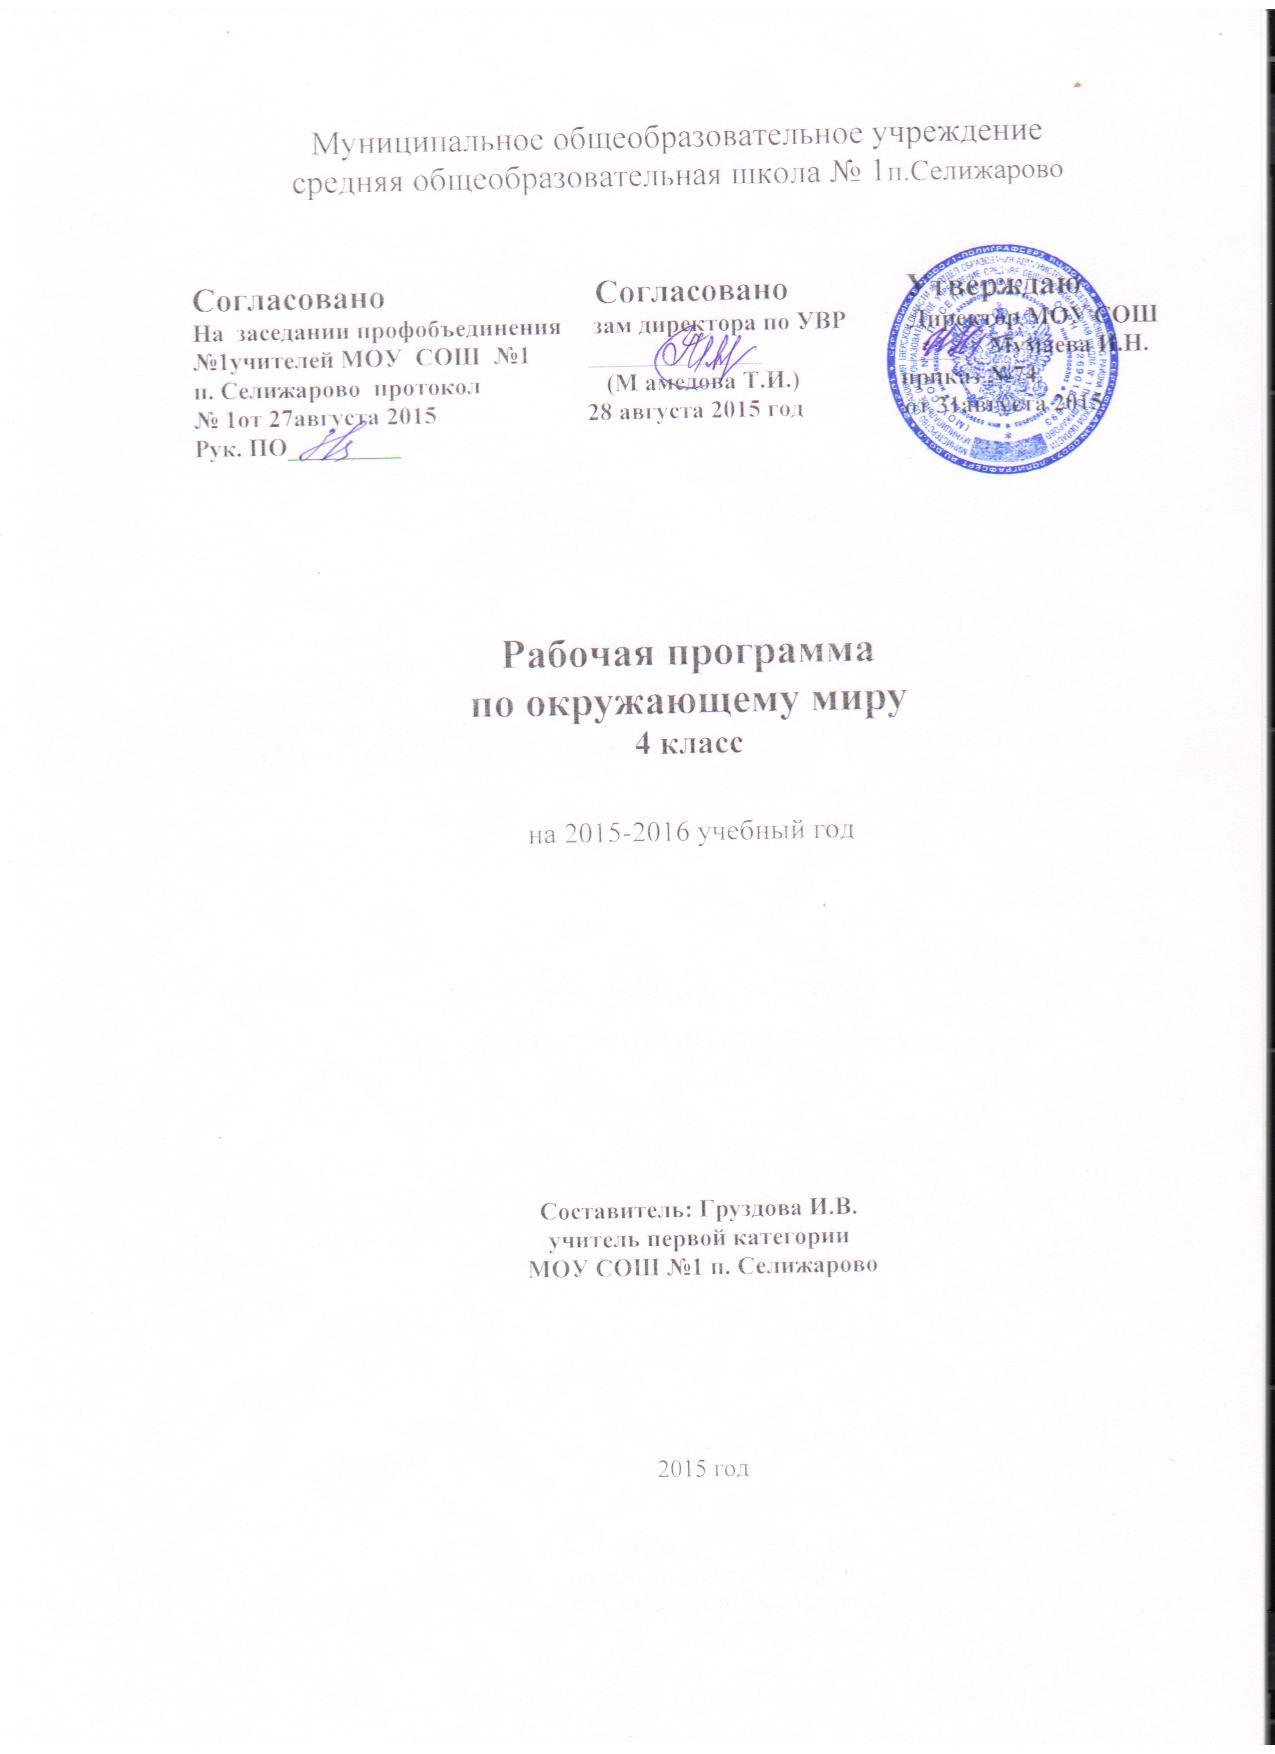 C:\Documents and Settings\1\Мои документы\Мои рисунки\Изображение\Изображение 002.jpg